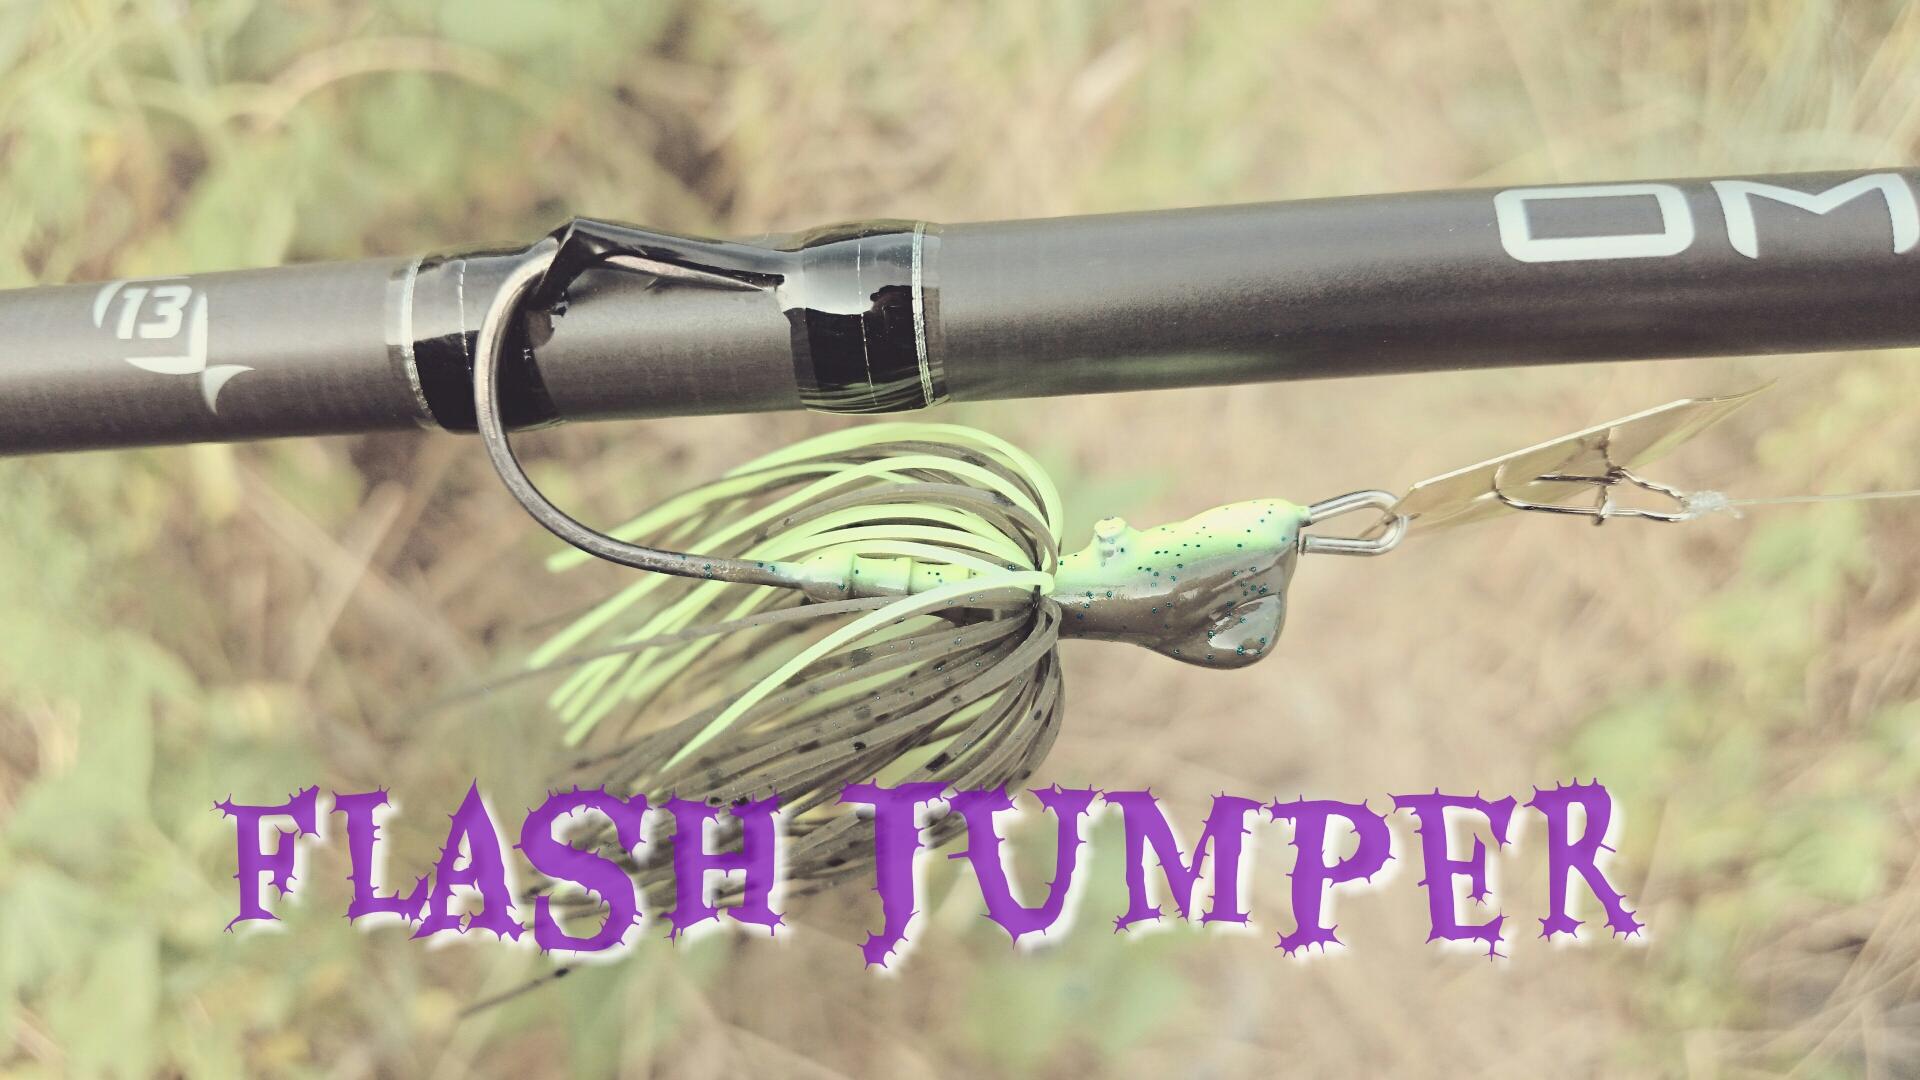 【フラッシュジャンパー】超攻撃的かつ生命感溢れるチャター。